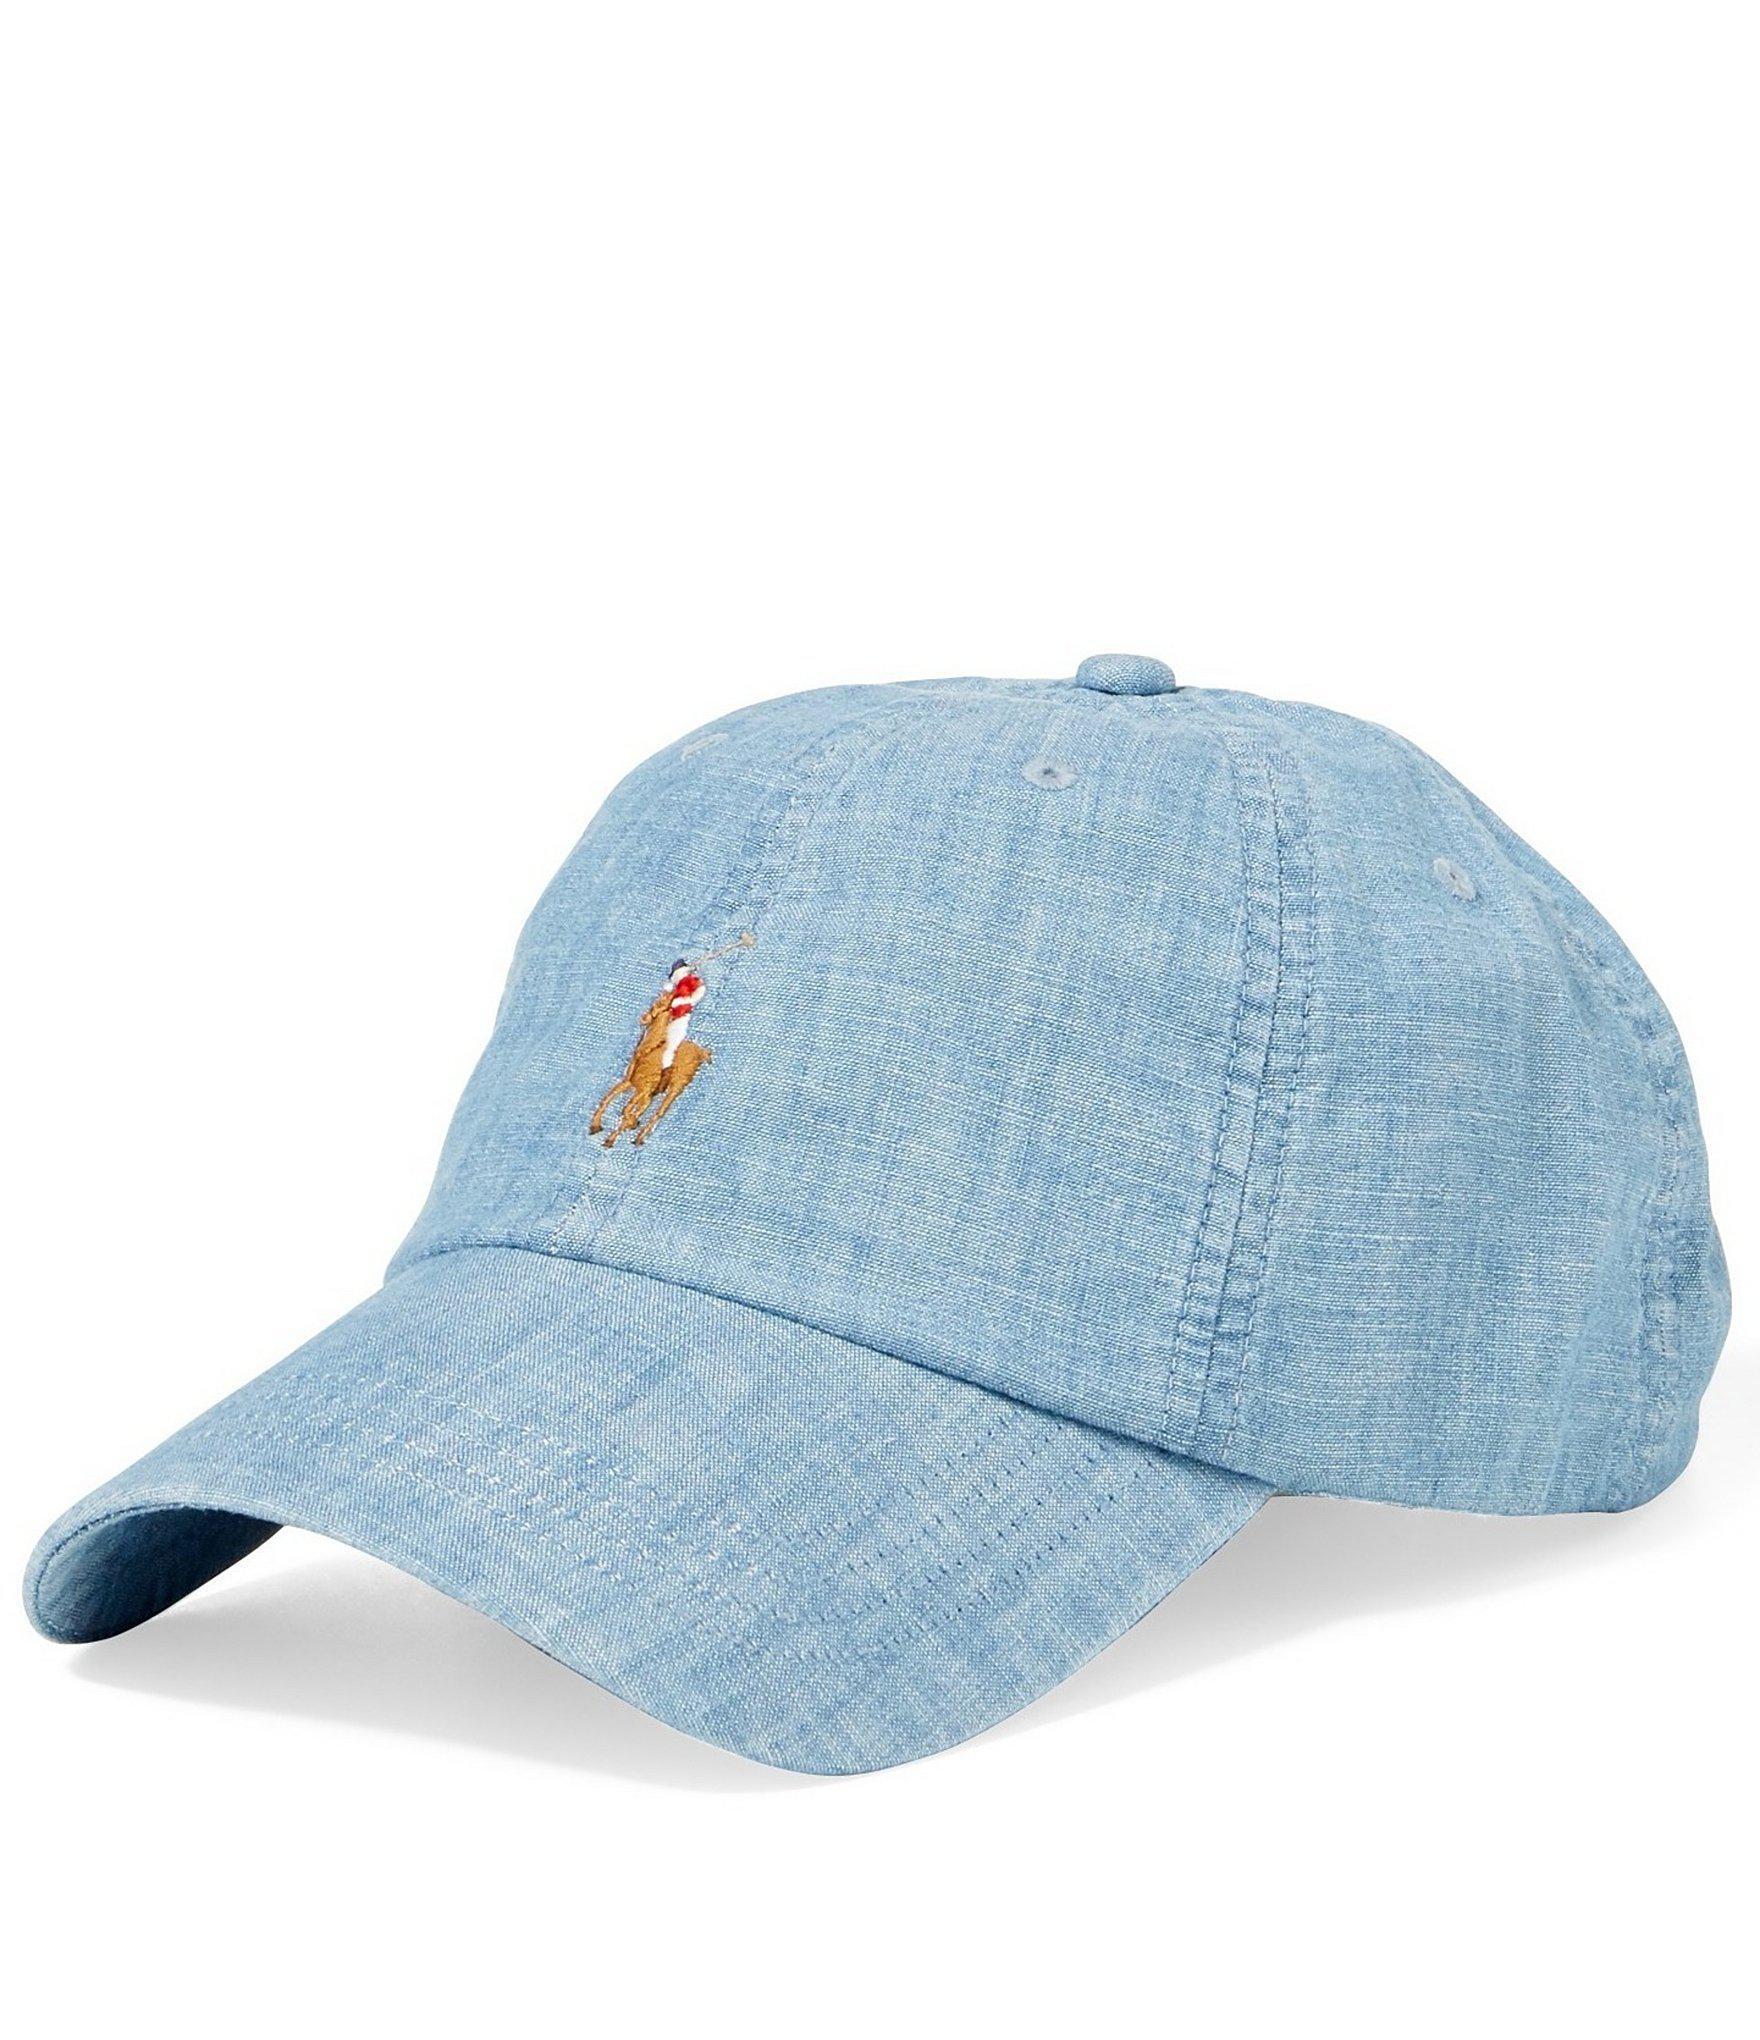 8856cf342bd Polo Ralph Lauren - Blue Classic Baseball Cap for Men - Lyst. View  fullscreen